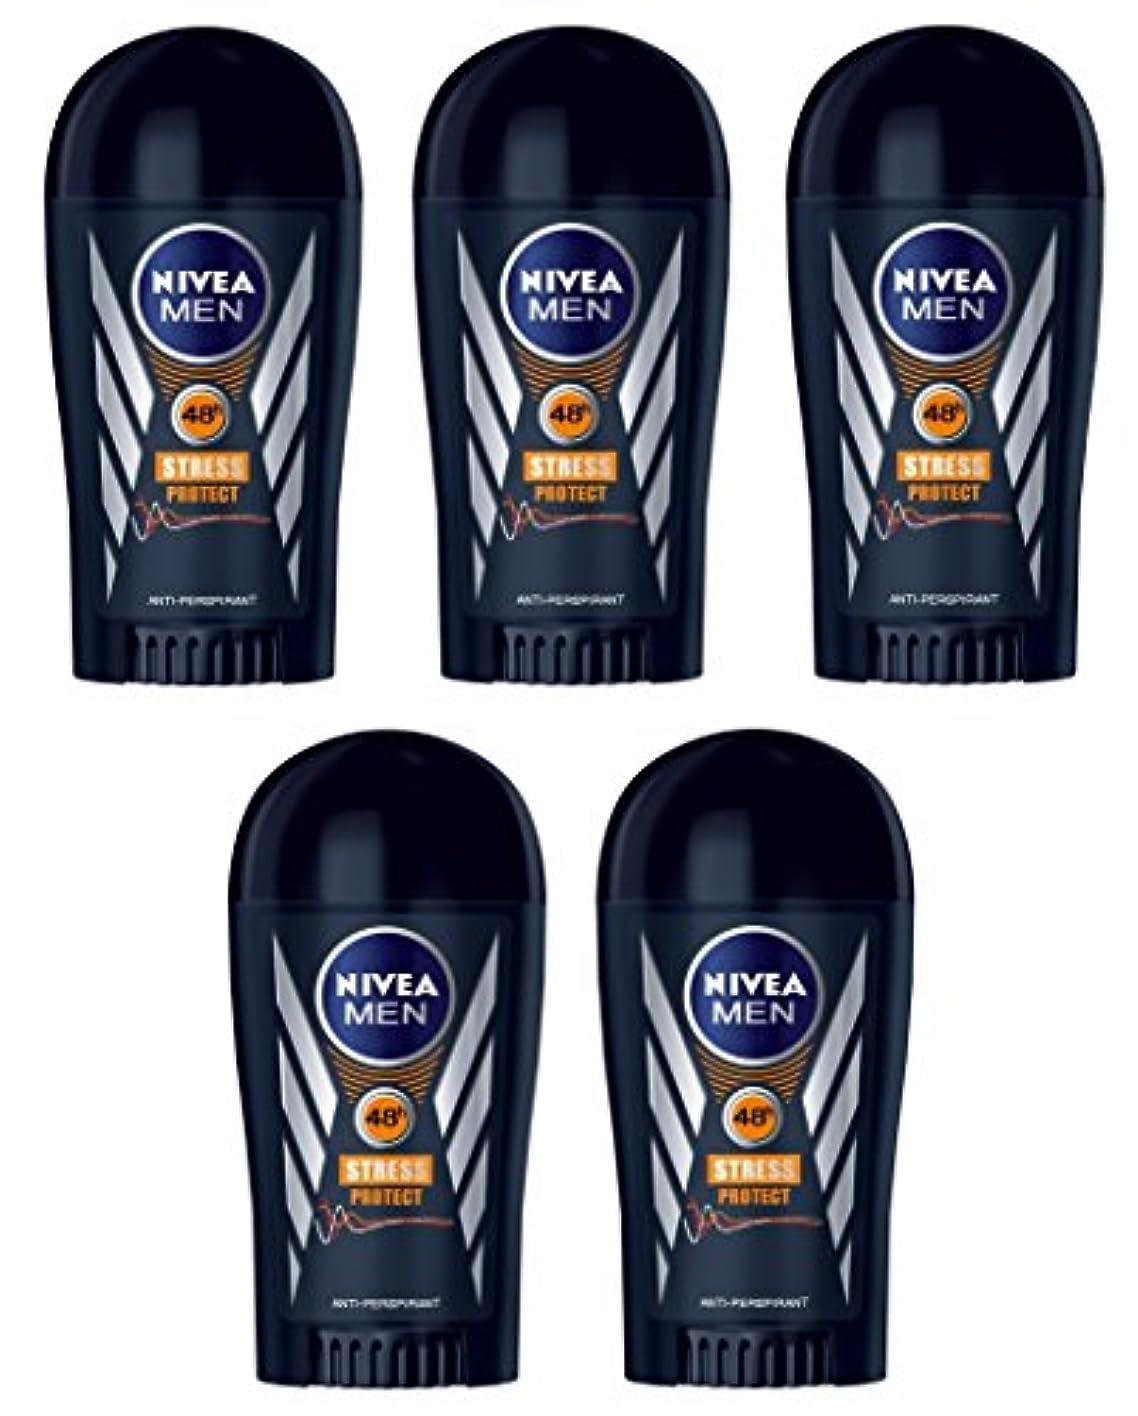 メディアキッチン辛い(Pack of 5) Nivea Stress Protect Anti-perspirant Deodorant Solid Stick for Men 5x40ml - (5パック) ニベア応力プロテクト制汗剤デオドラントスティック...